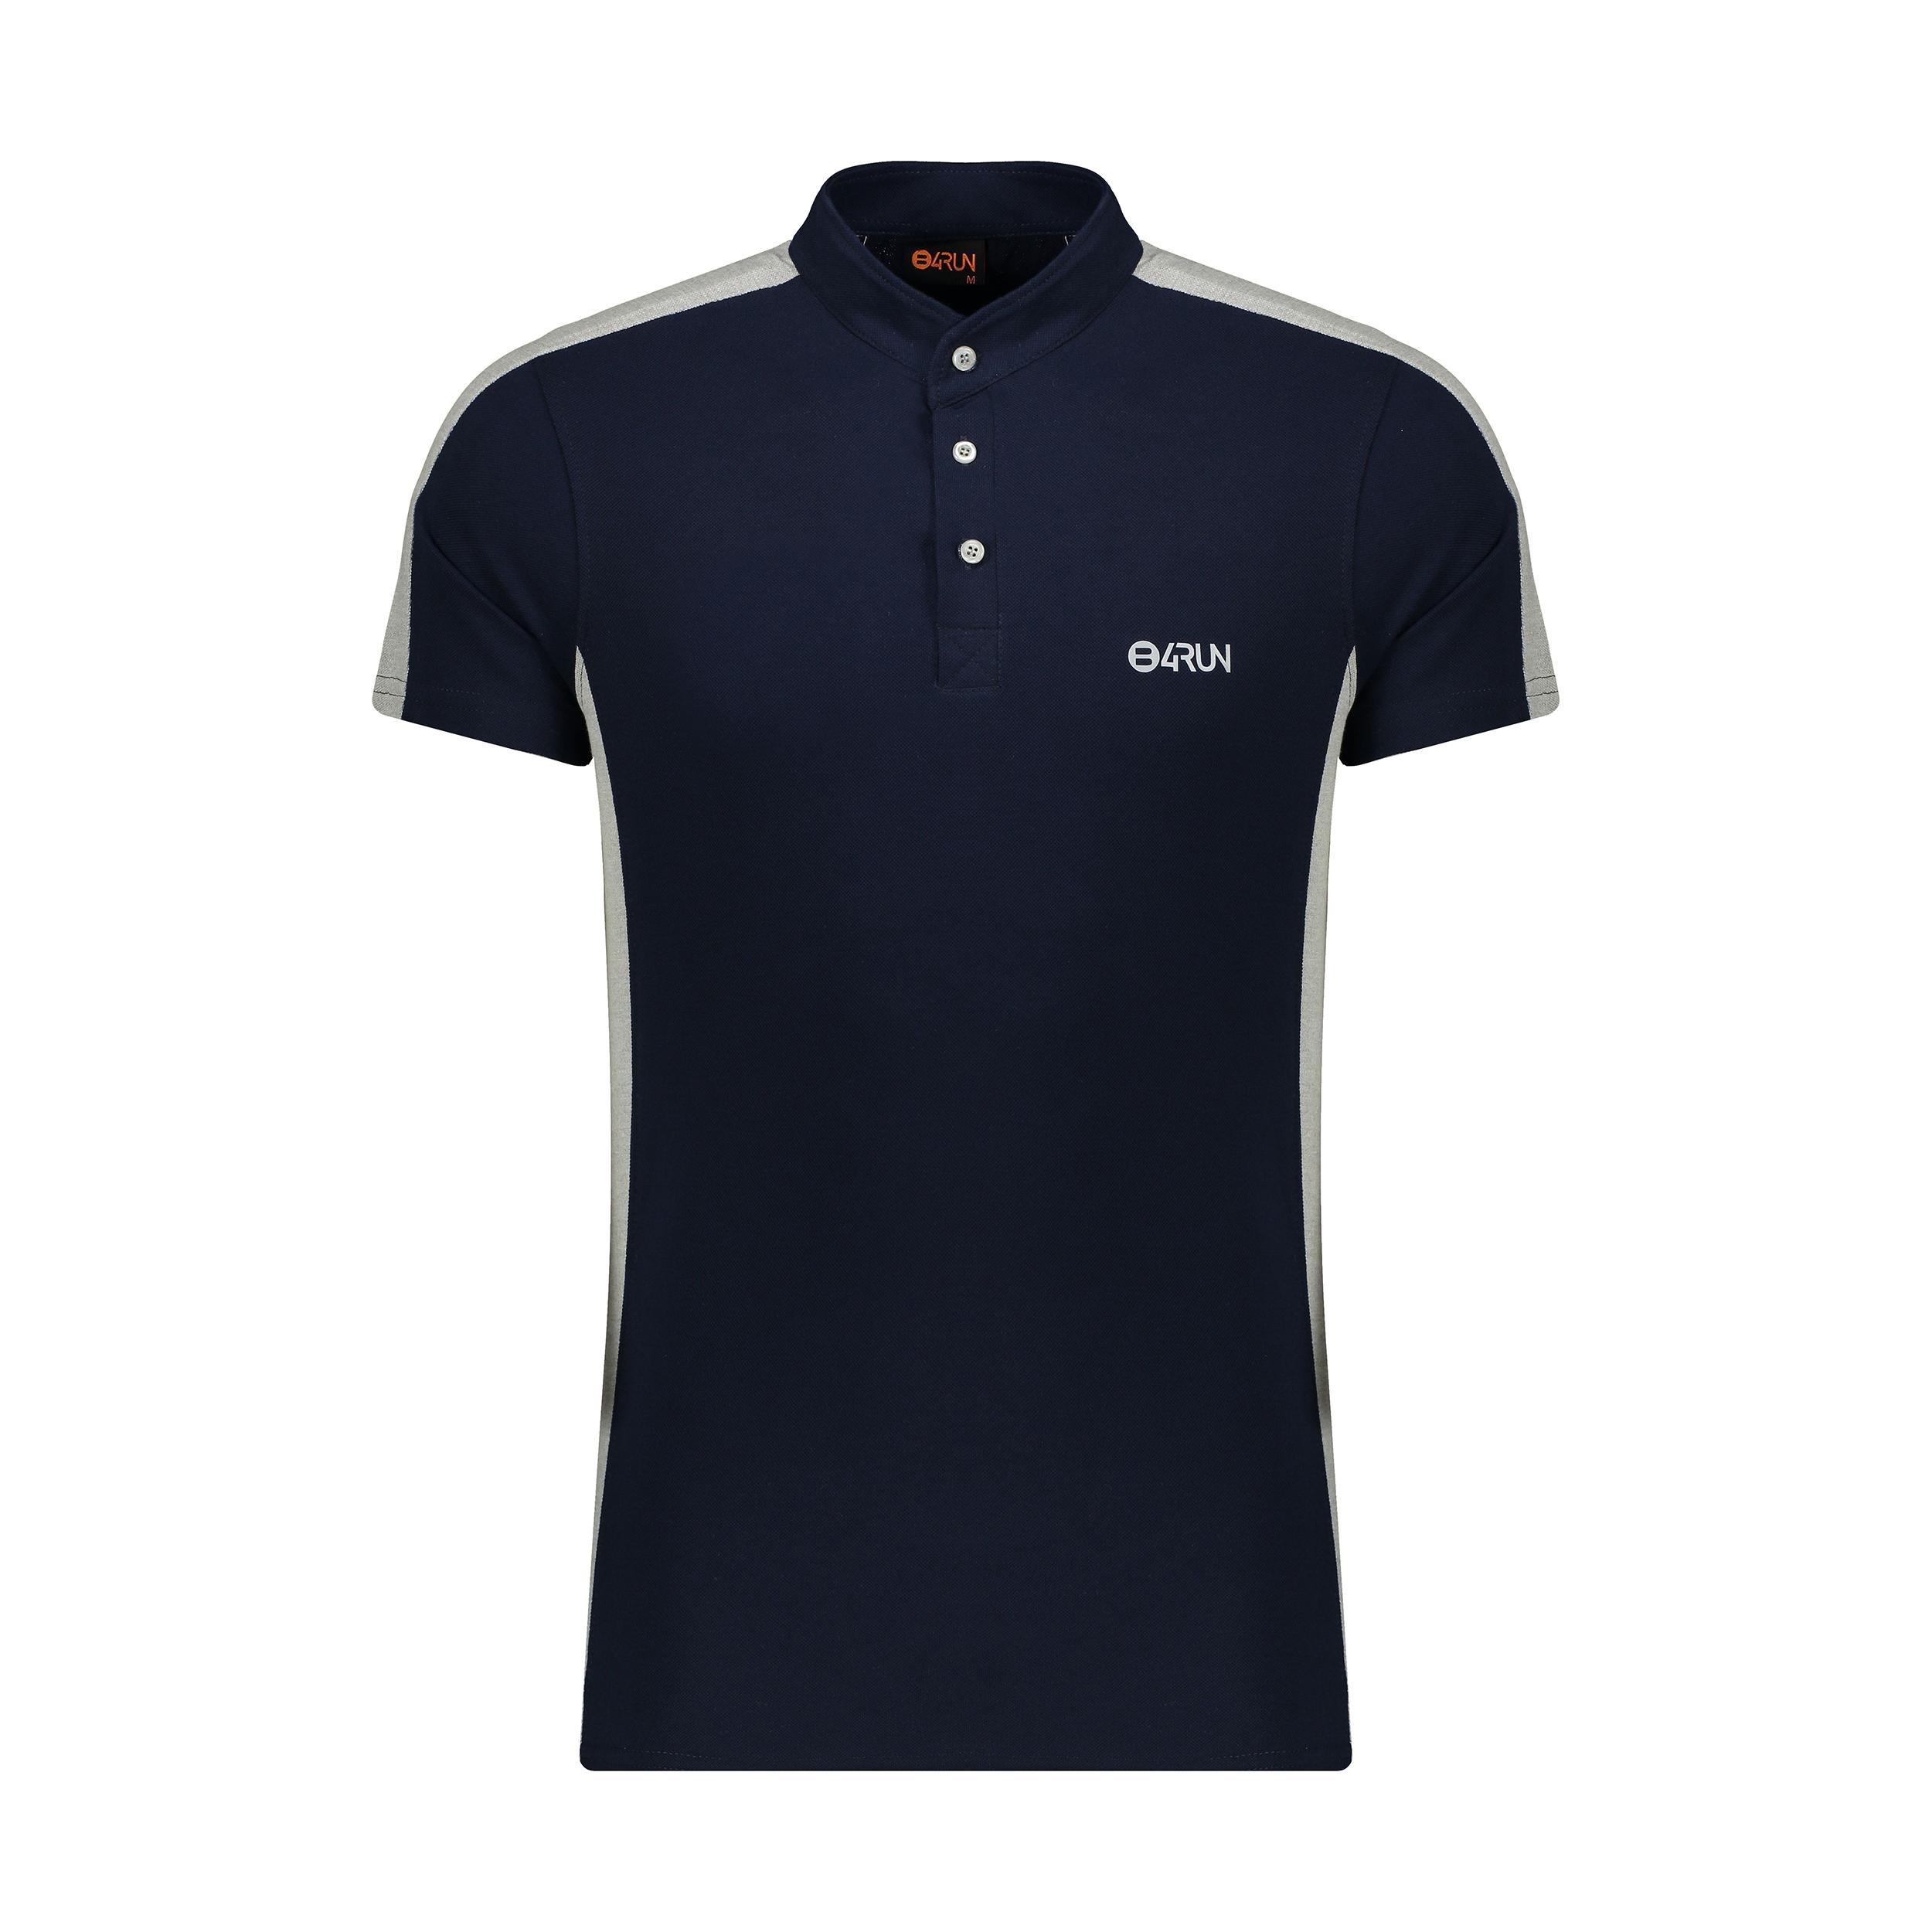 تی شرت ورزشی مردانه بی فور ران مدل 2104195993